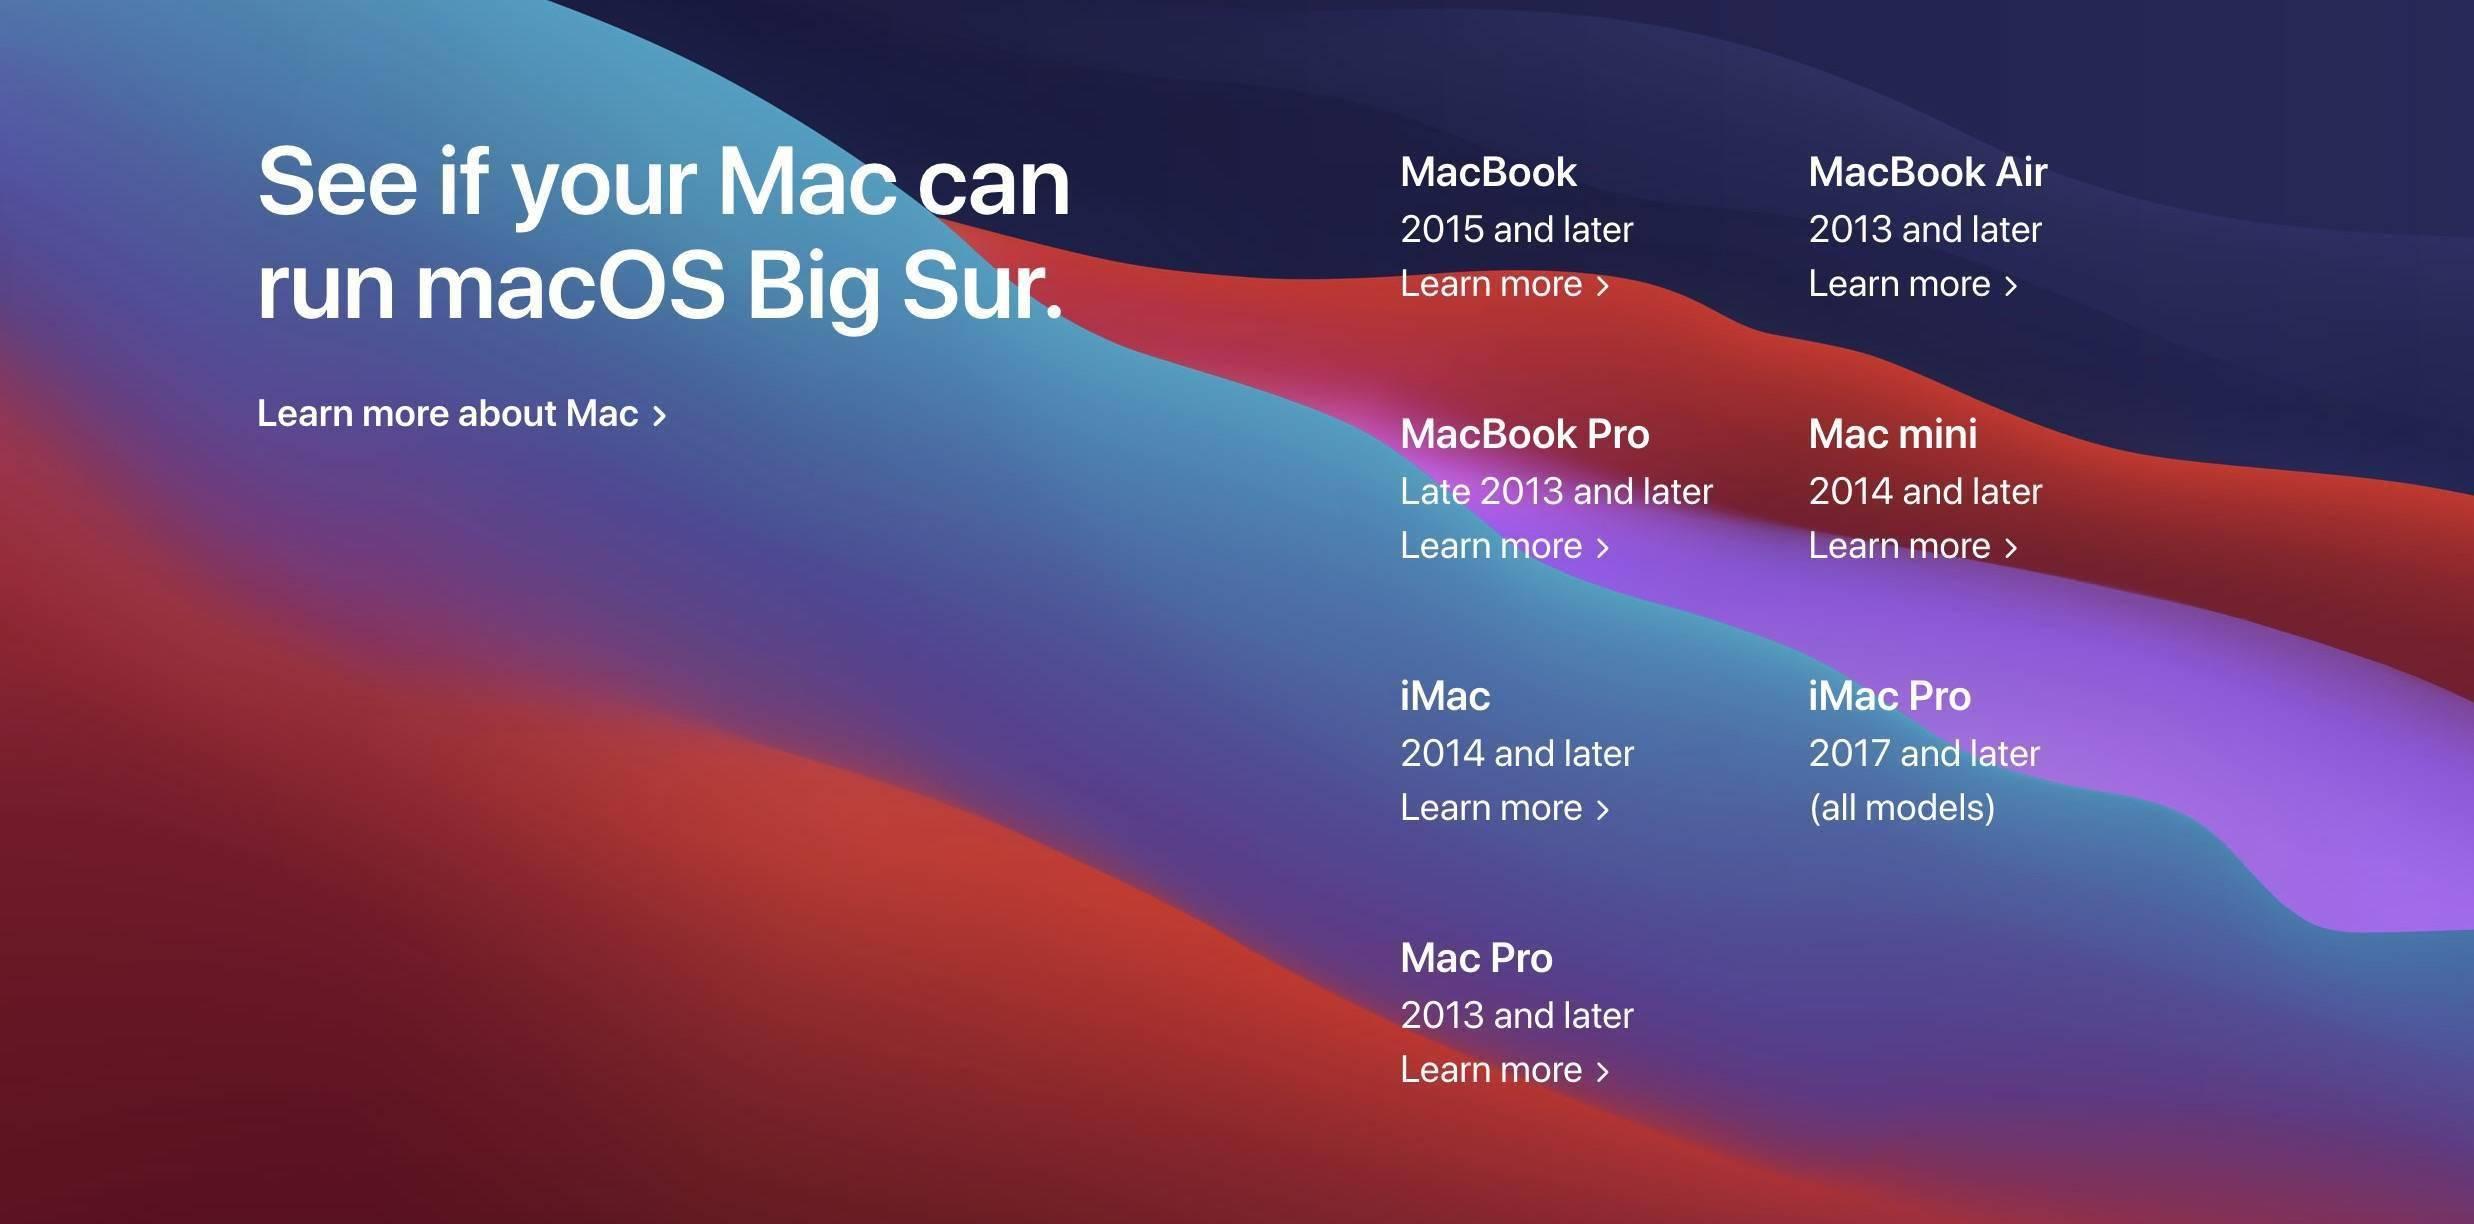 新 macOS 体验:越来越像 iOS,还有 17 项新功能